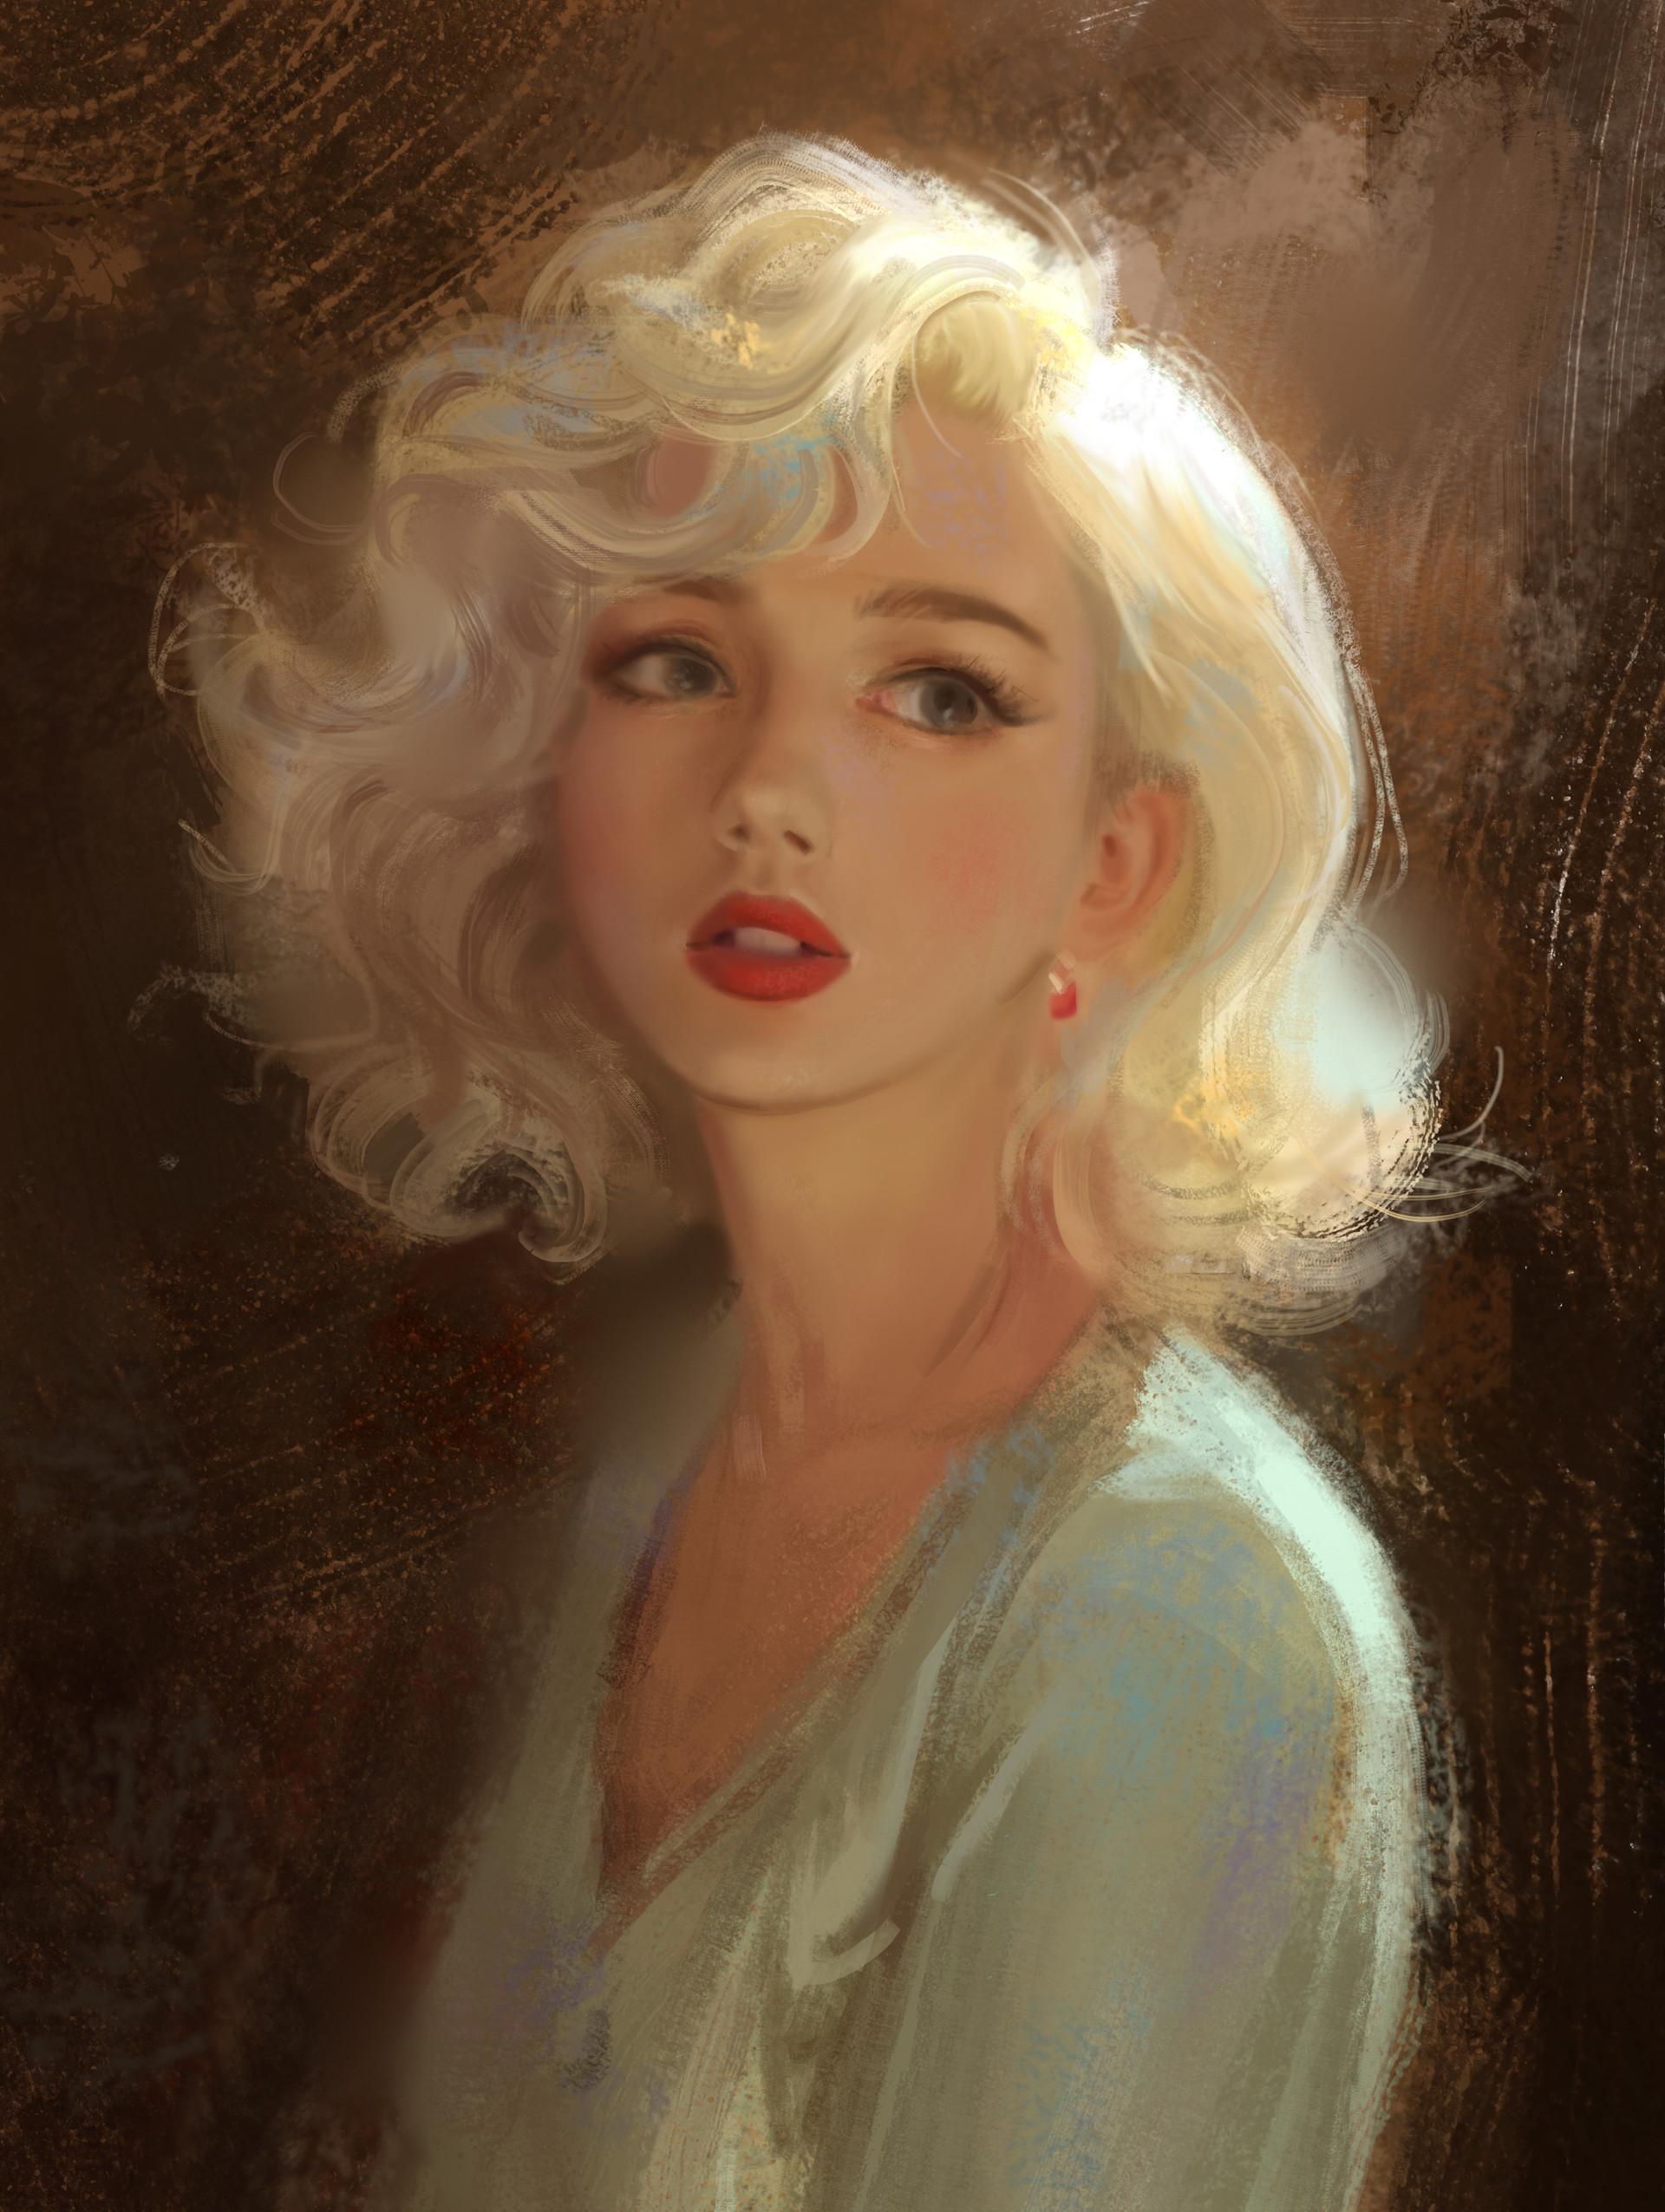 https://cdna.artstation.com/p/assets/images/images/014/242/016/large/hou-china-4.jpg